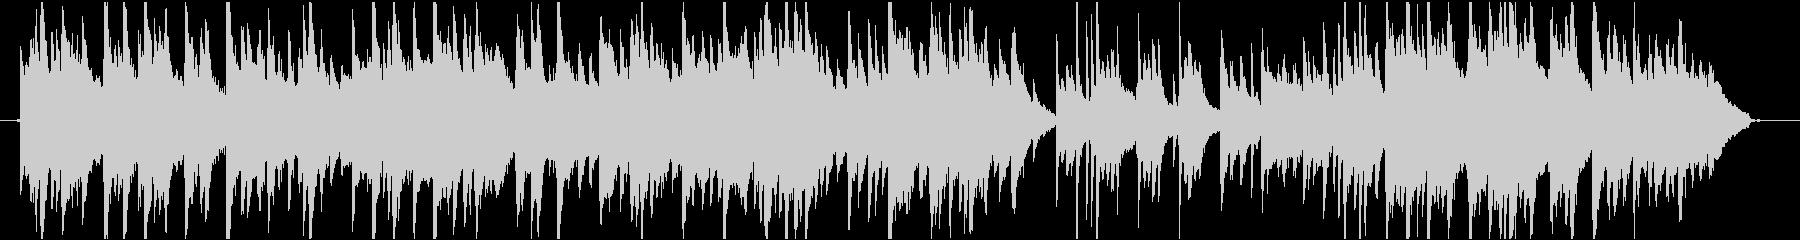 ヒーリングピアノBGM・鳥のさえずり入りの未再生の波形